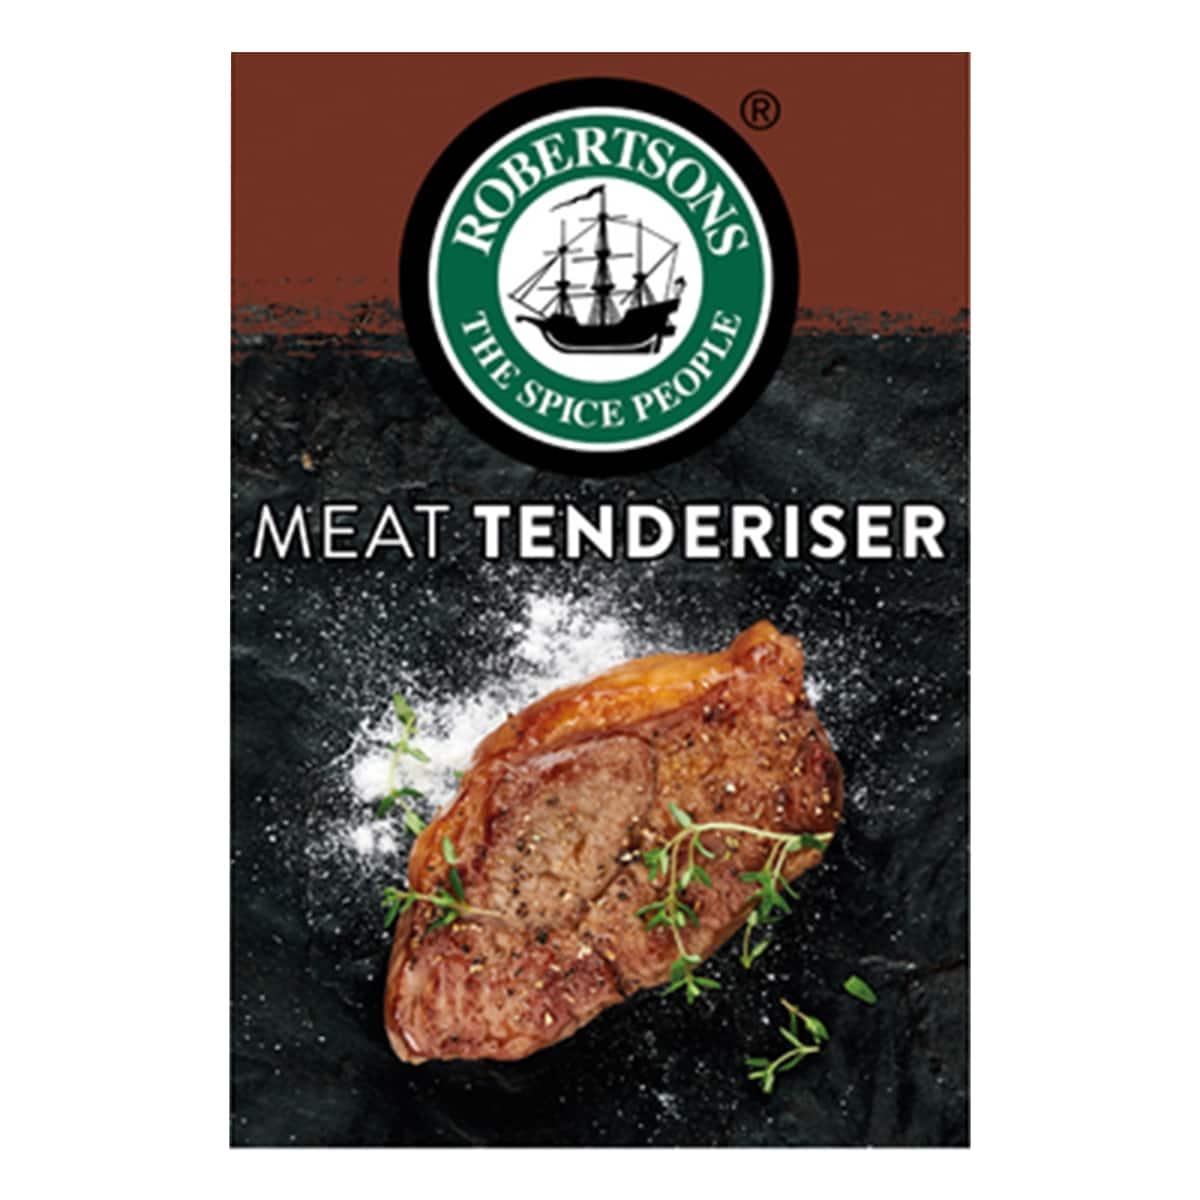 Buy Robertsons Meat Tenderiser - 100 gm